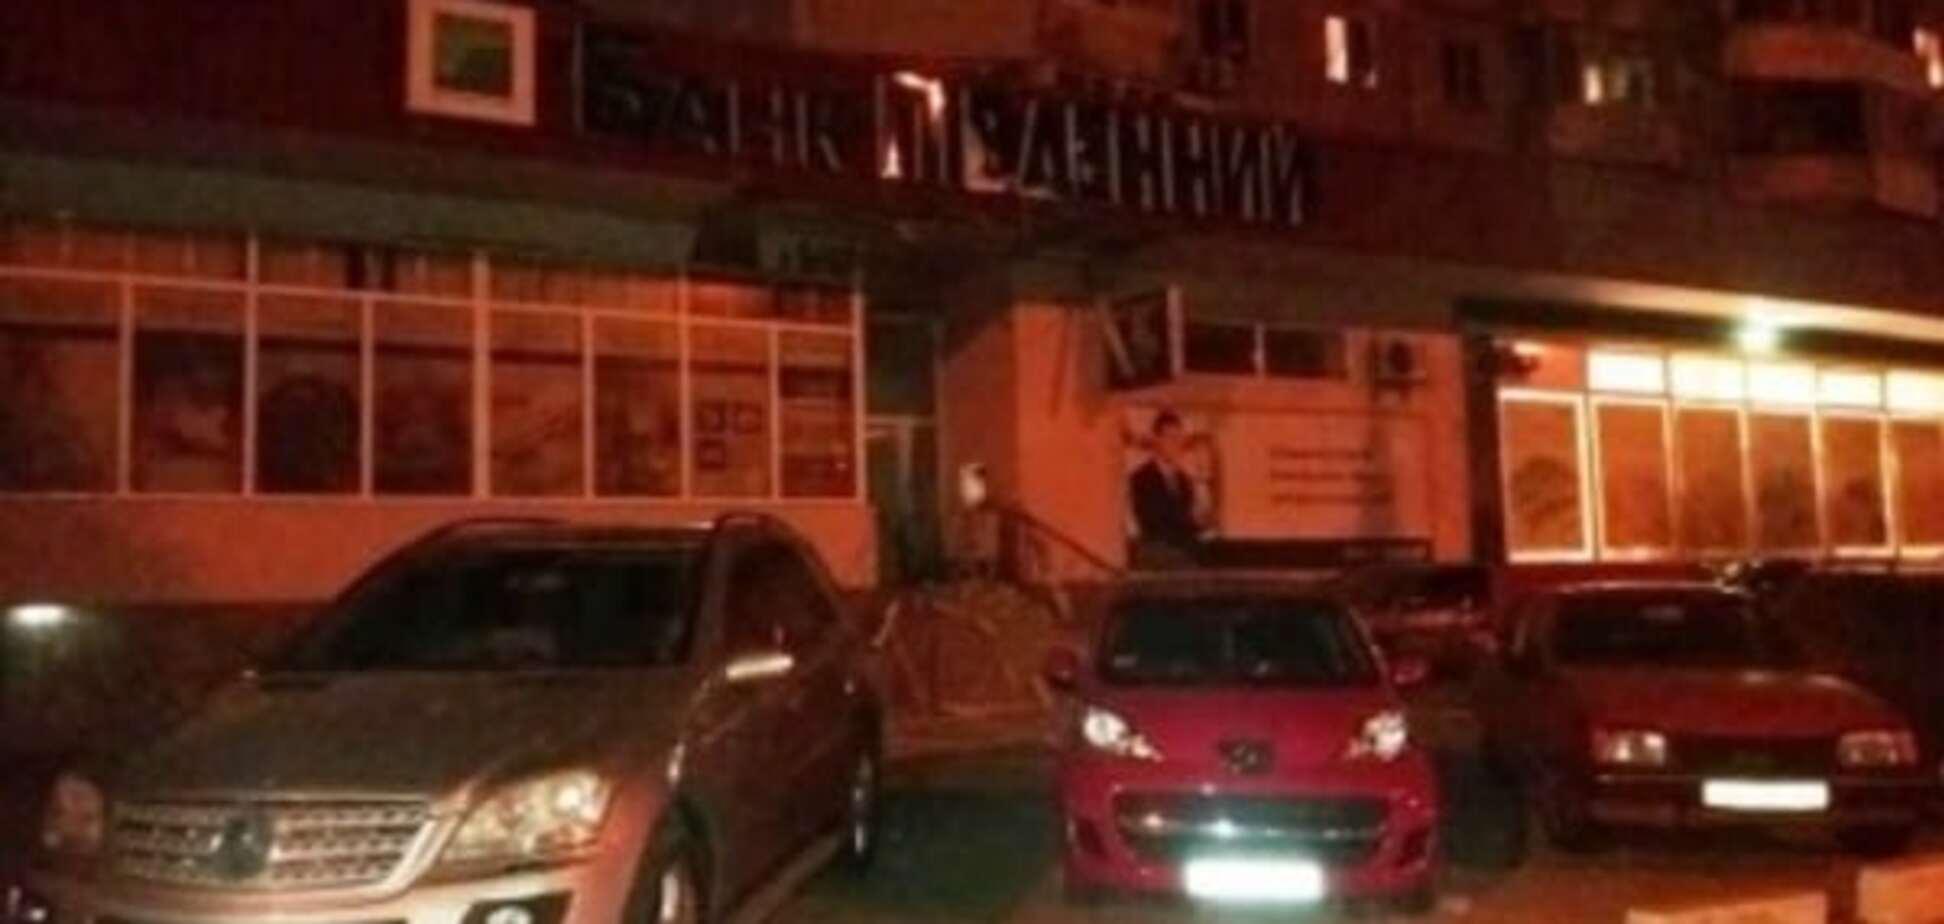 Мощный взрыв в Херсоне: очевидцы сообщили о подрыве банка. Опубликованы фото